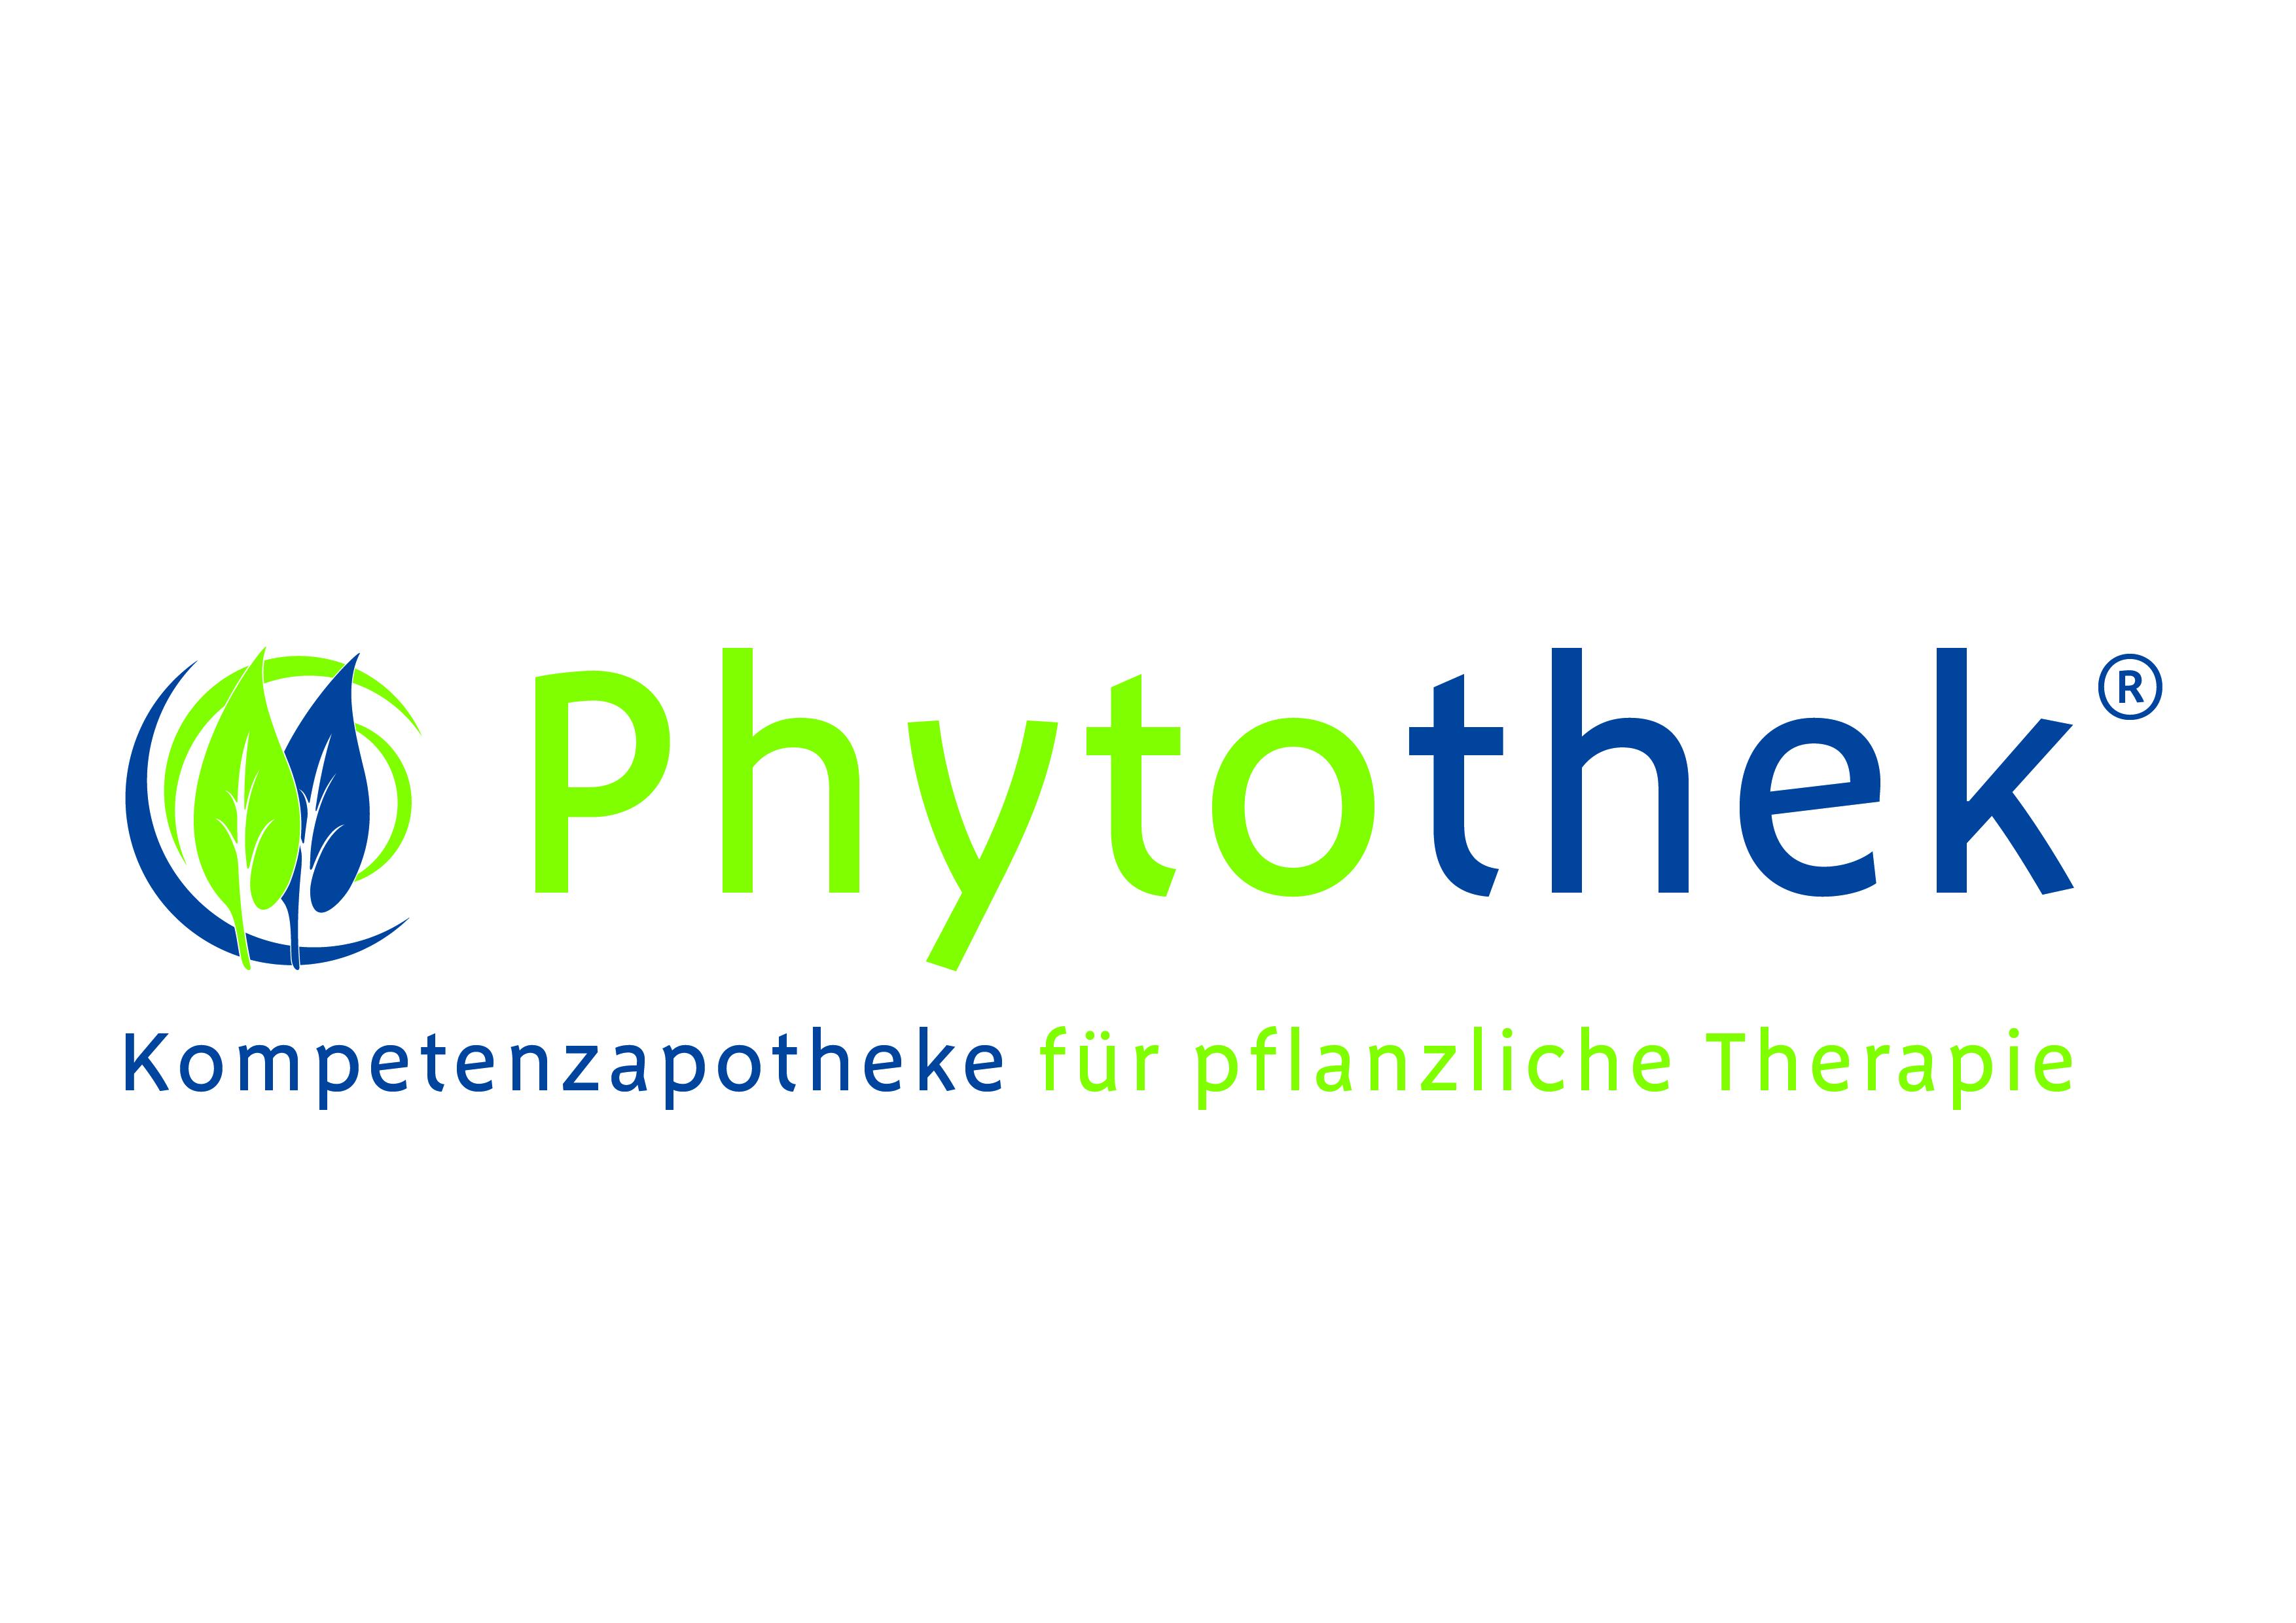 Phytothek Bild 2